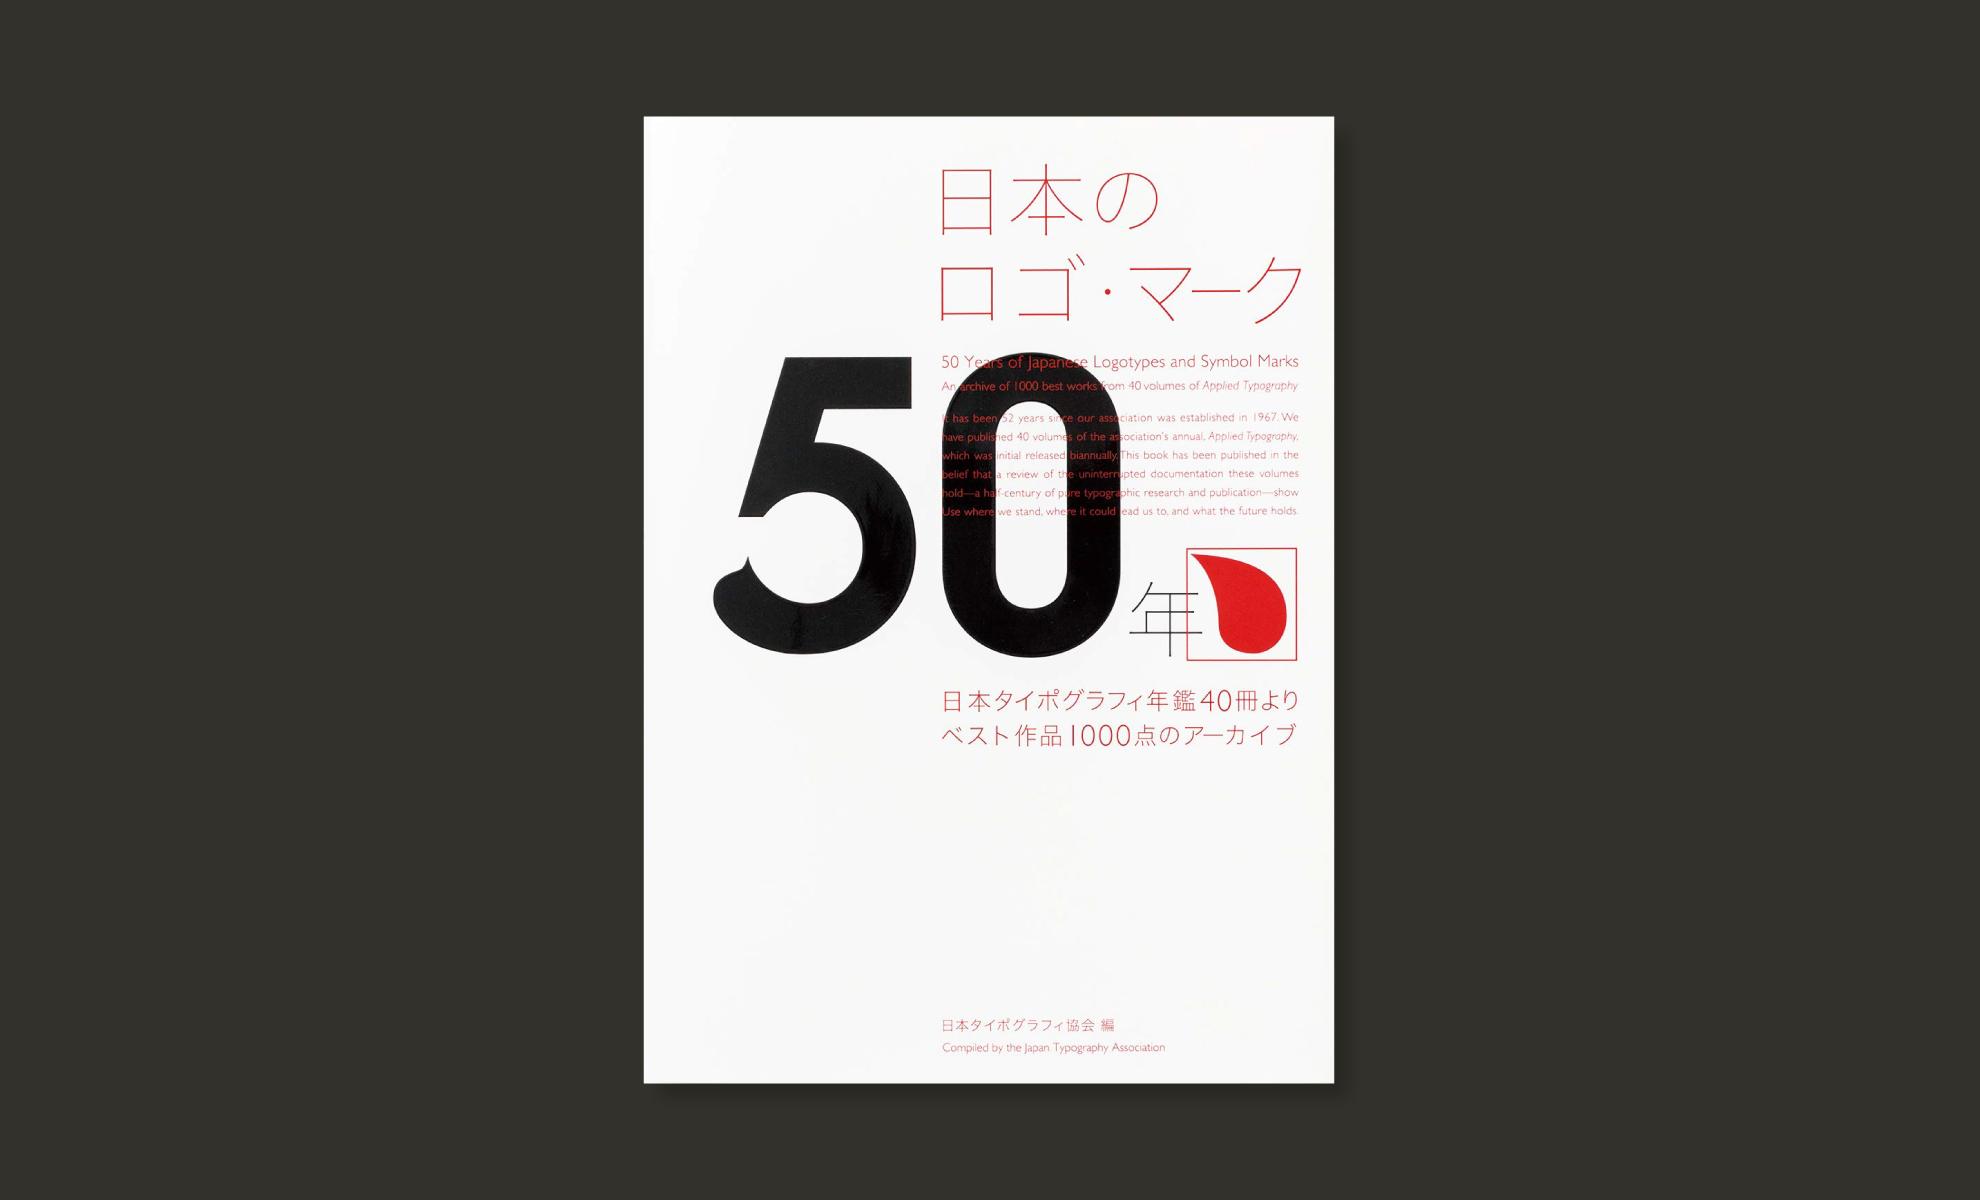 日本タイポグラフィ協会の「日本のロゴ・マーク50年」